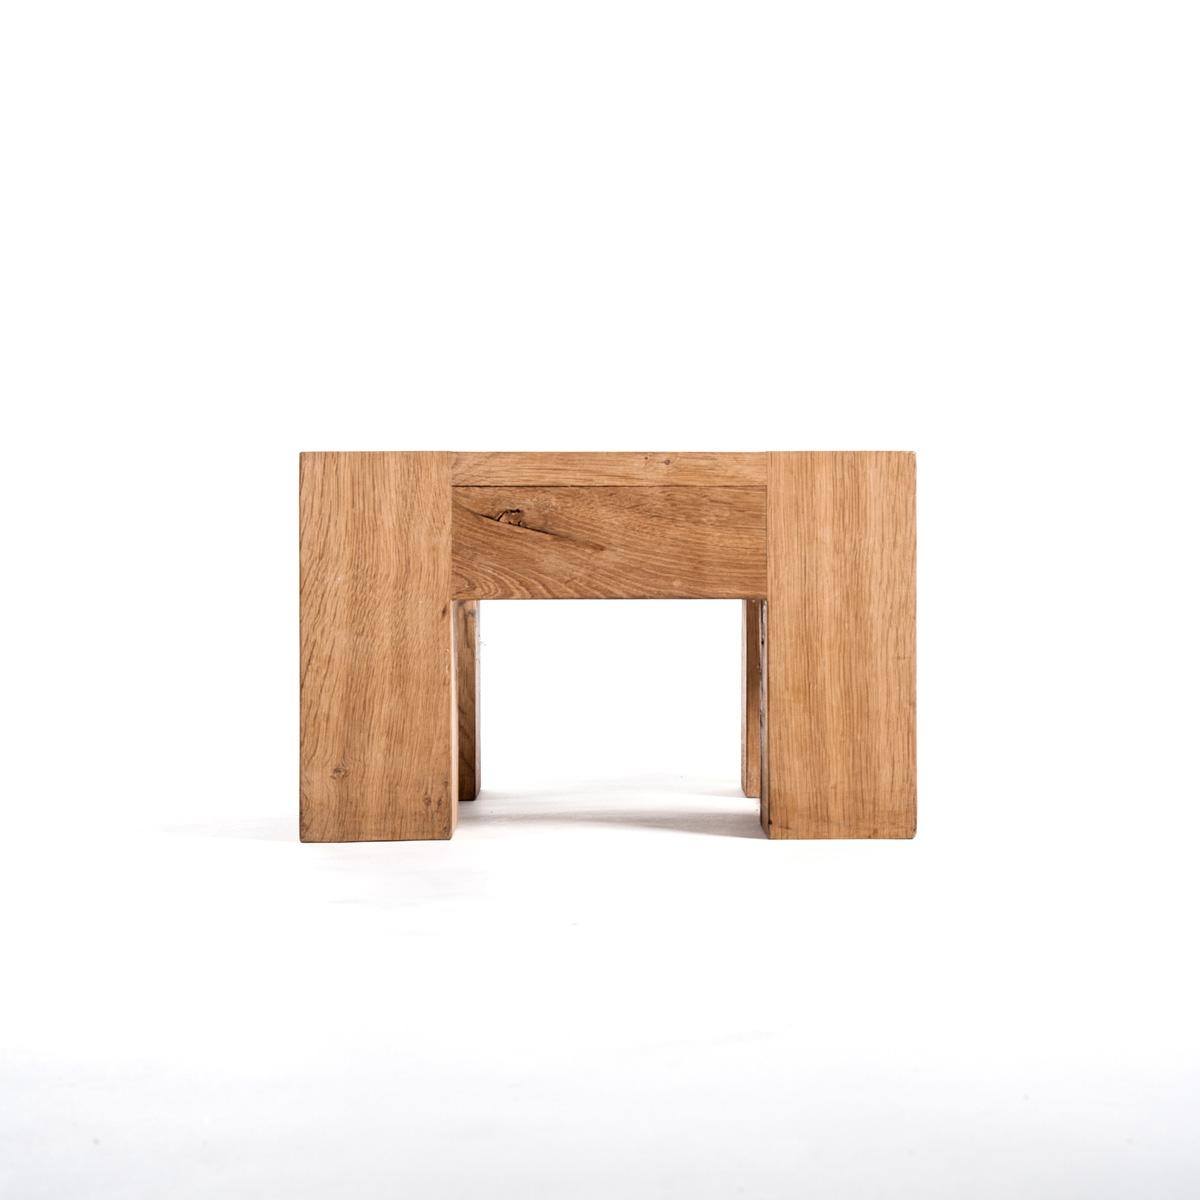 Beistelltisch ONNO, JK. Designermöbel